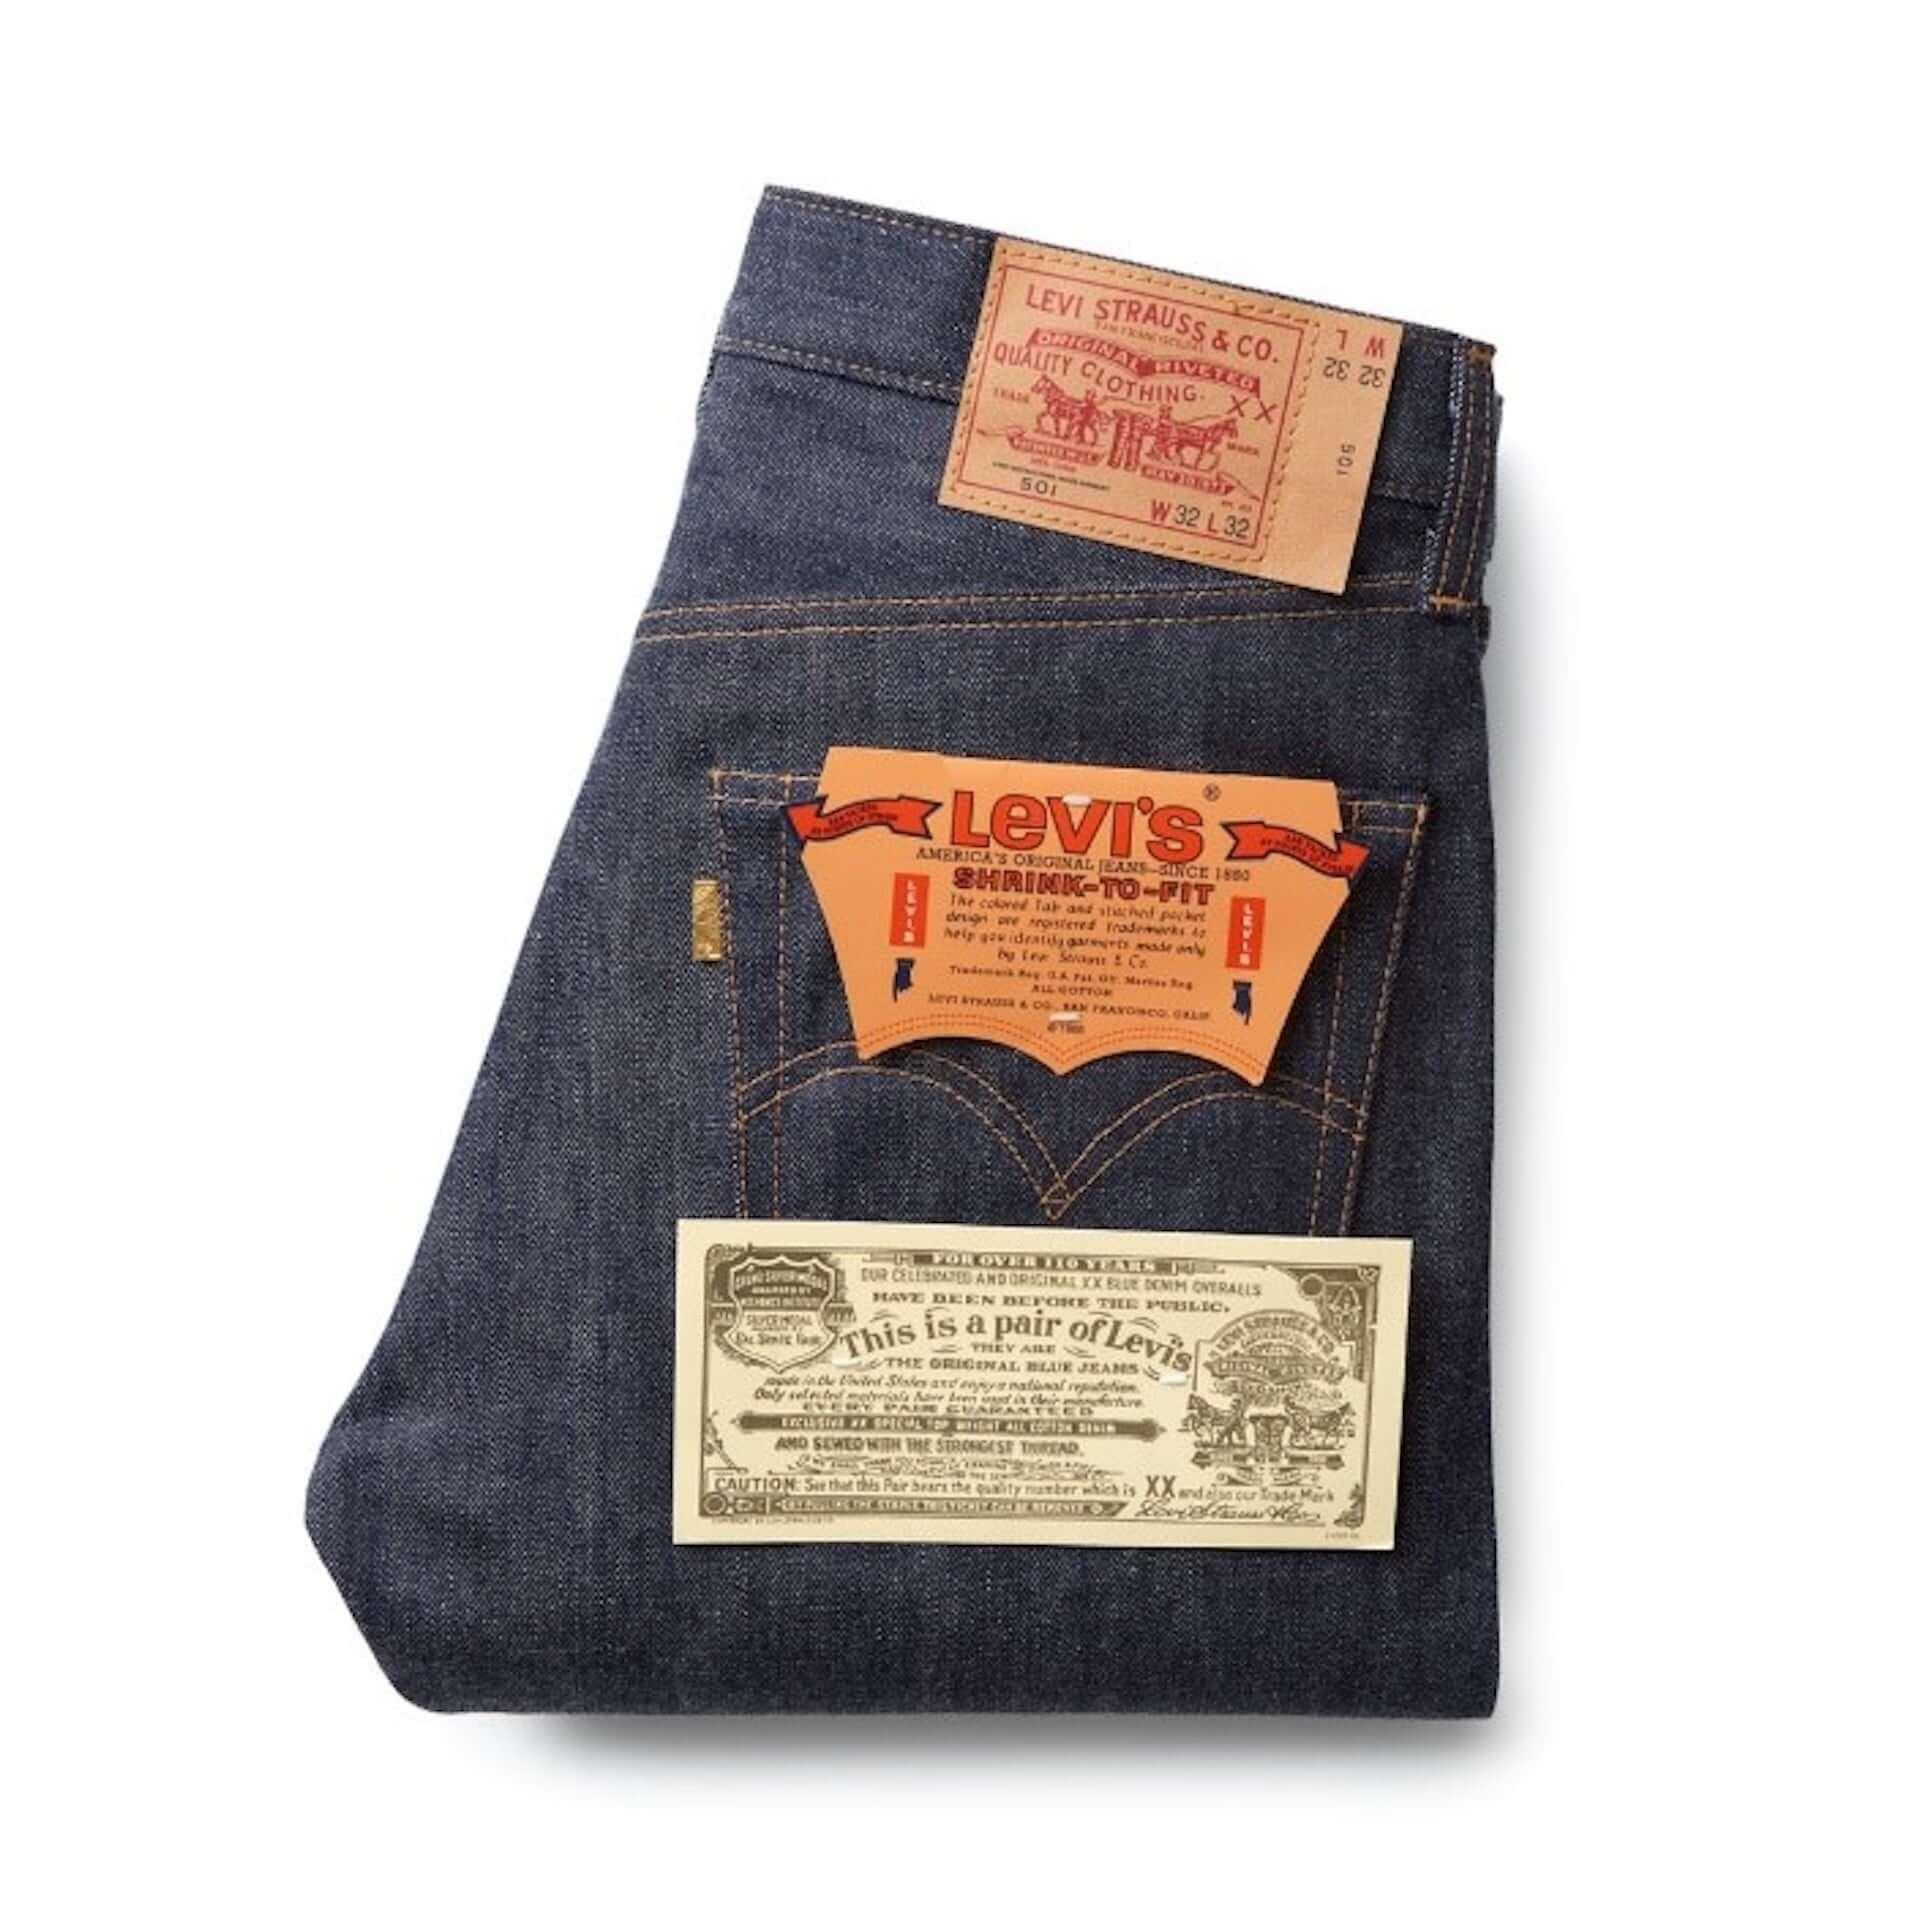 リーバイス「ゴールデンチケット501(R)」が世界で501本だけの限定発売へ|1971年モデルがレッドタブくじ付きで復刻 lf200514_levis_501_4-1920x1920